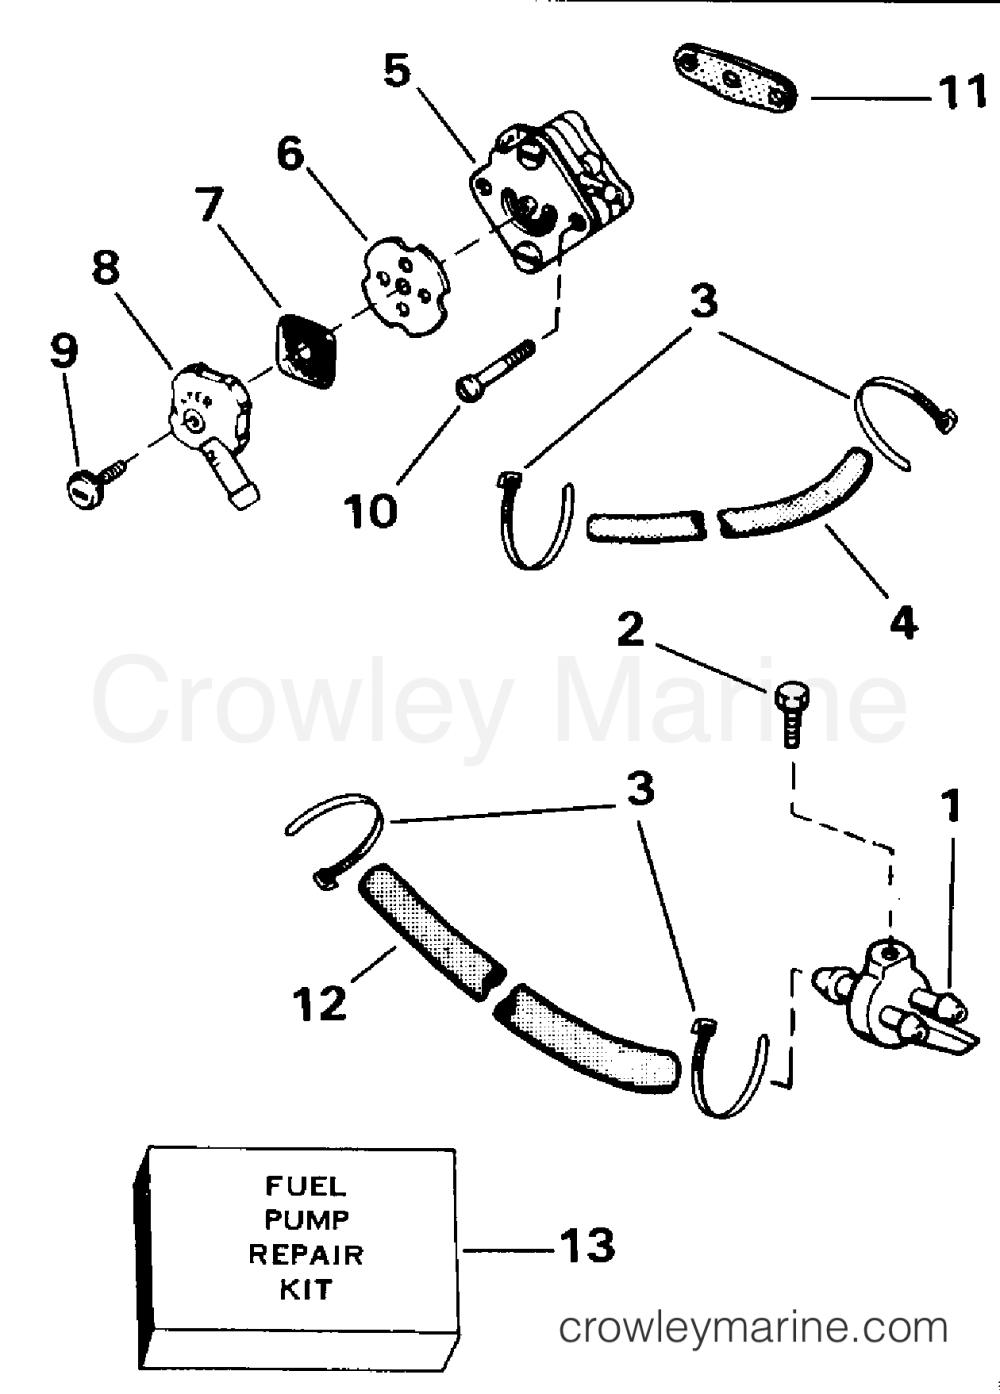 medium resolution of 1991 evinrude outboards 4 e4reia fuel pump section